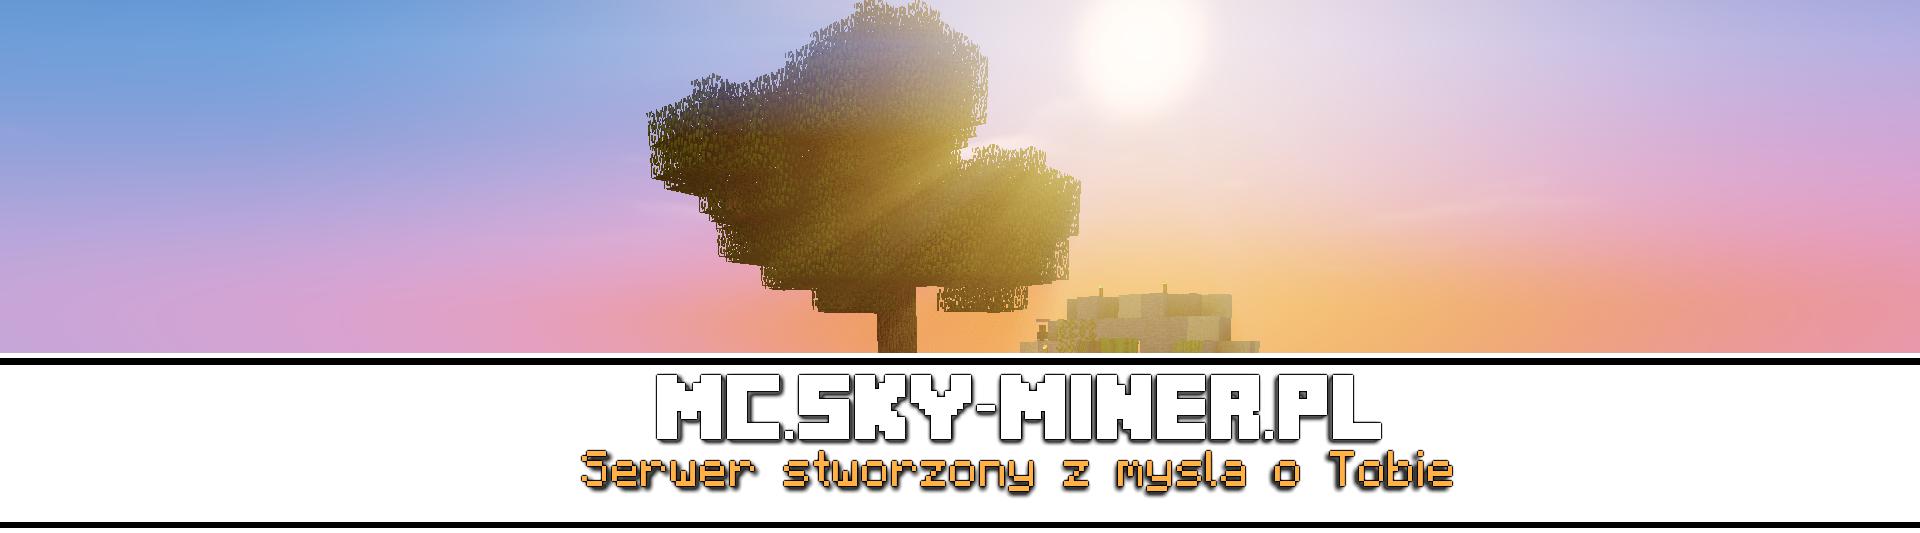 Sky-miner